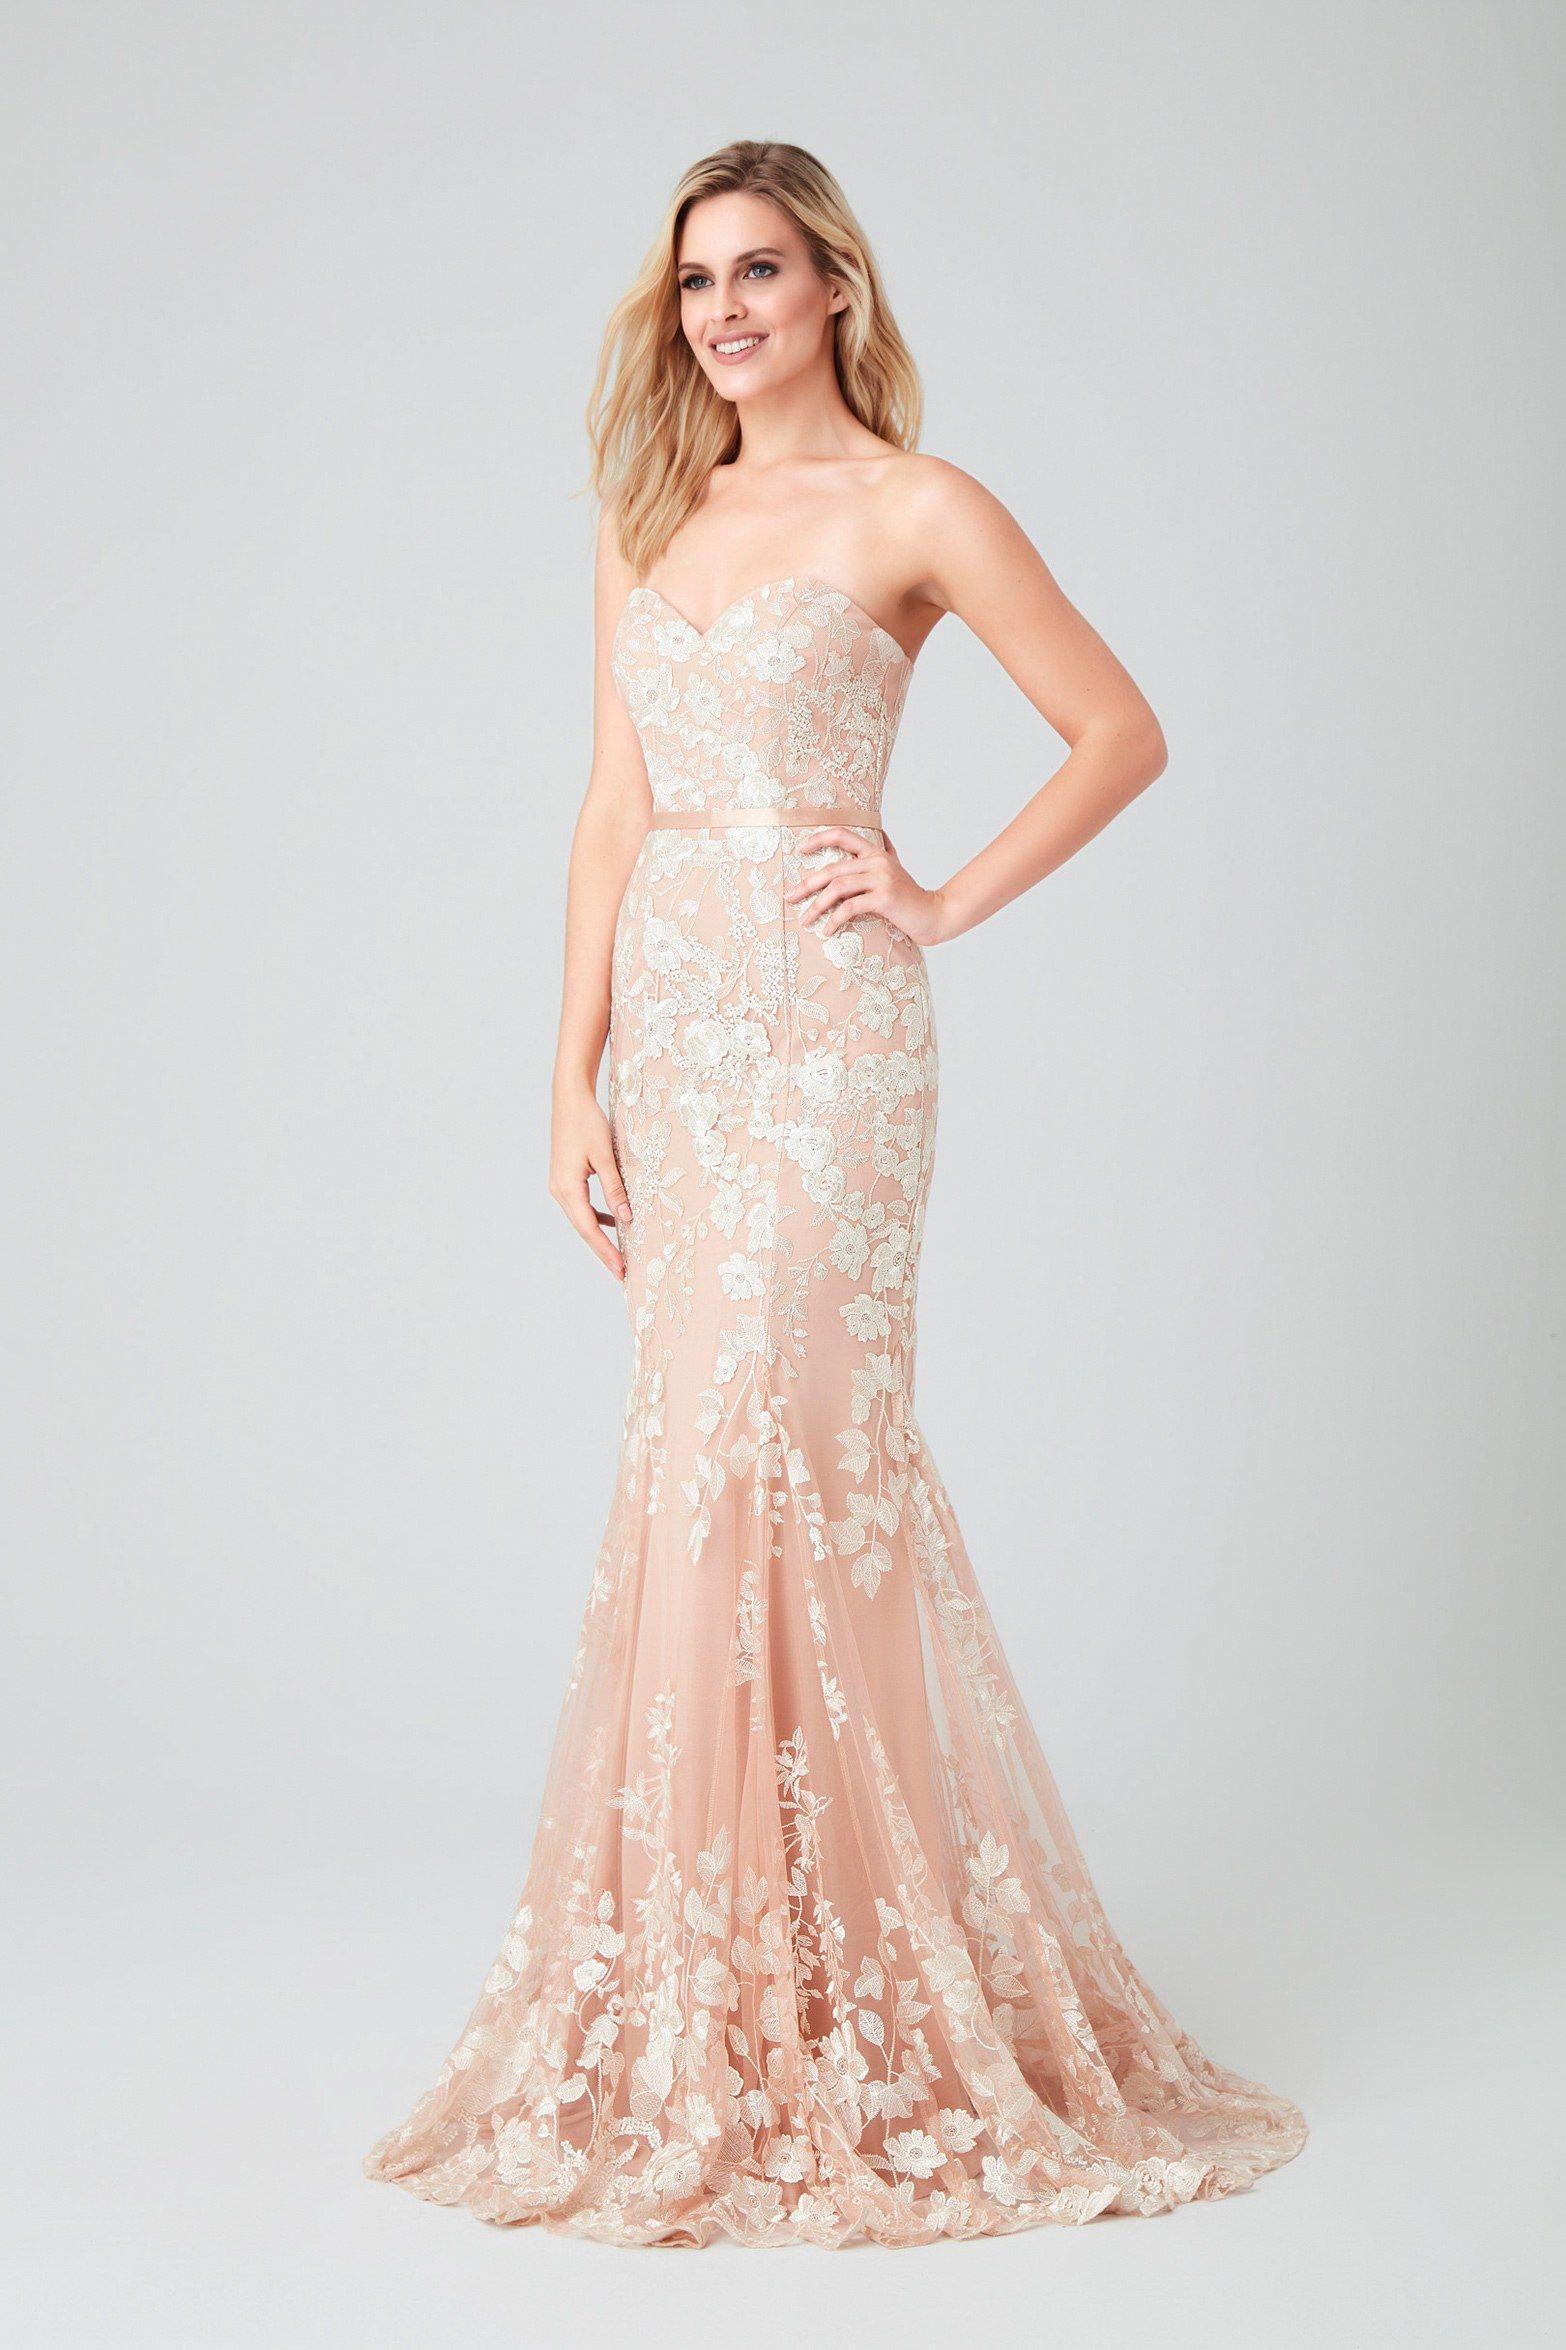 Mezuniyet Balosu Elbise Modelleri 2019-2019